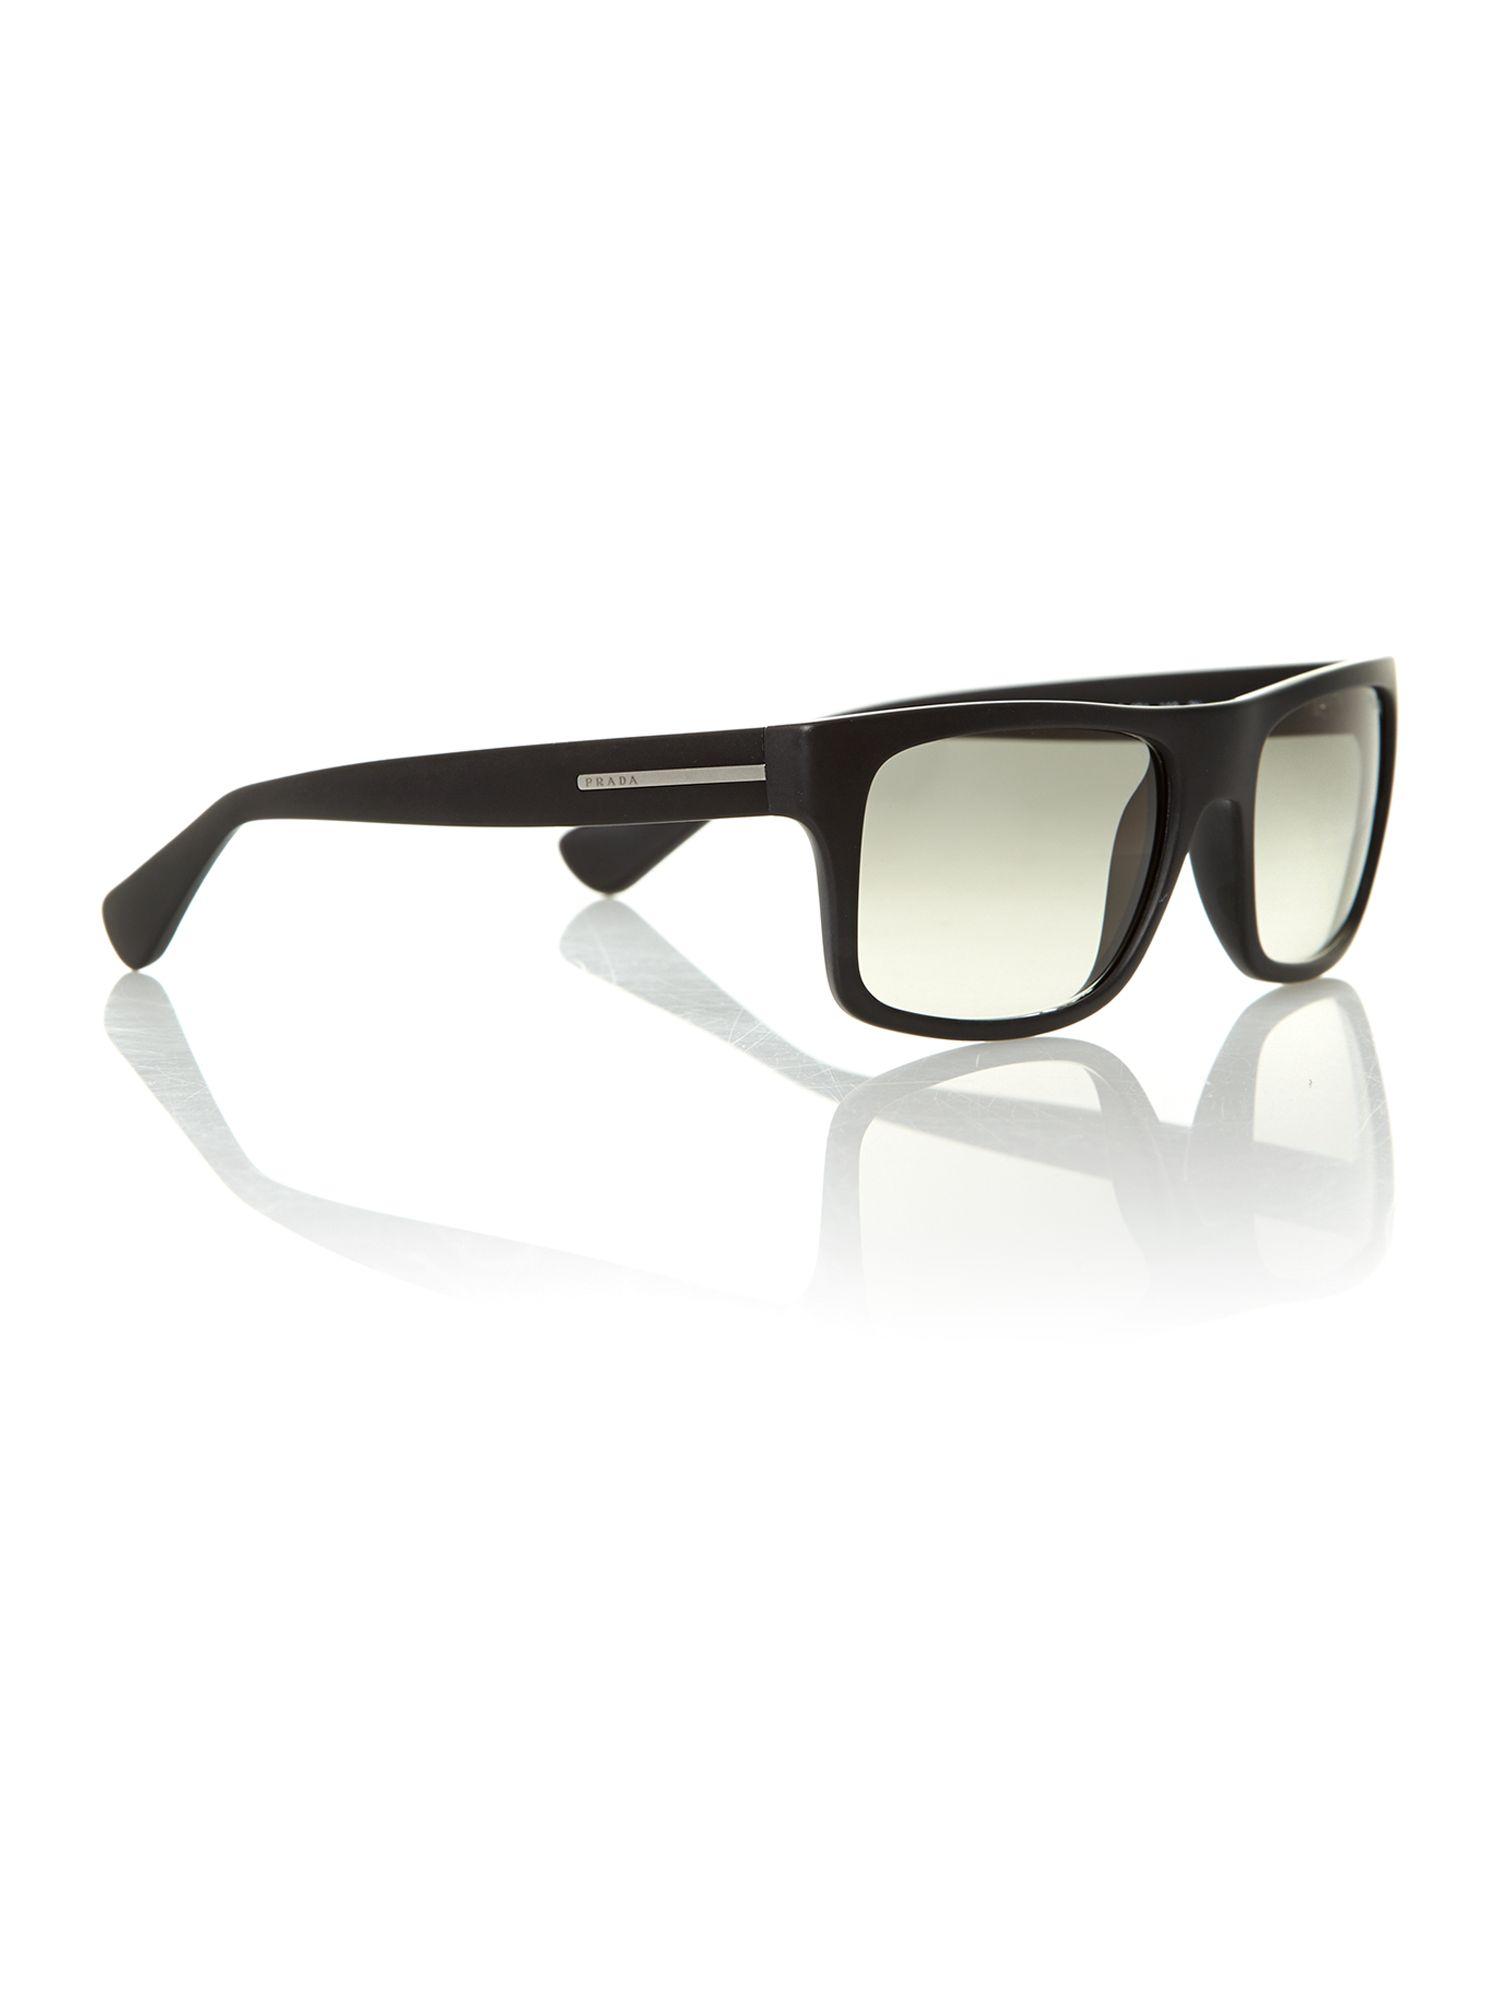 19c264b161397 White Prada Sunglasses Men